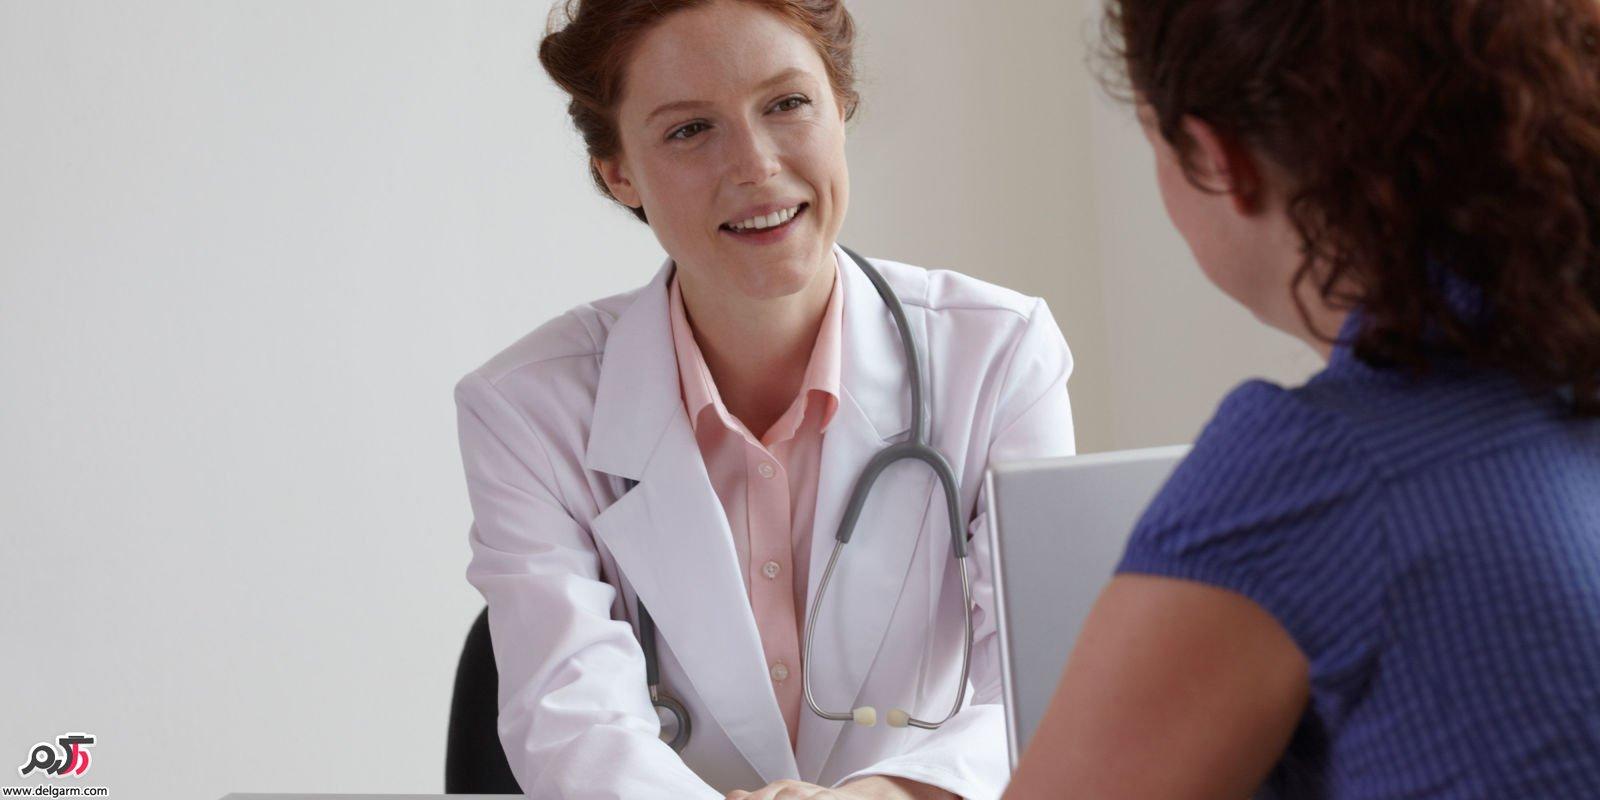 درمان واژینیسموس (انقباض غیرارادی) اختلال جنسی در زنان